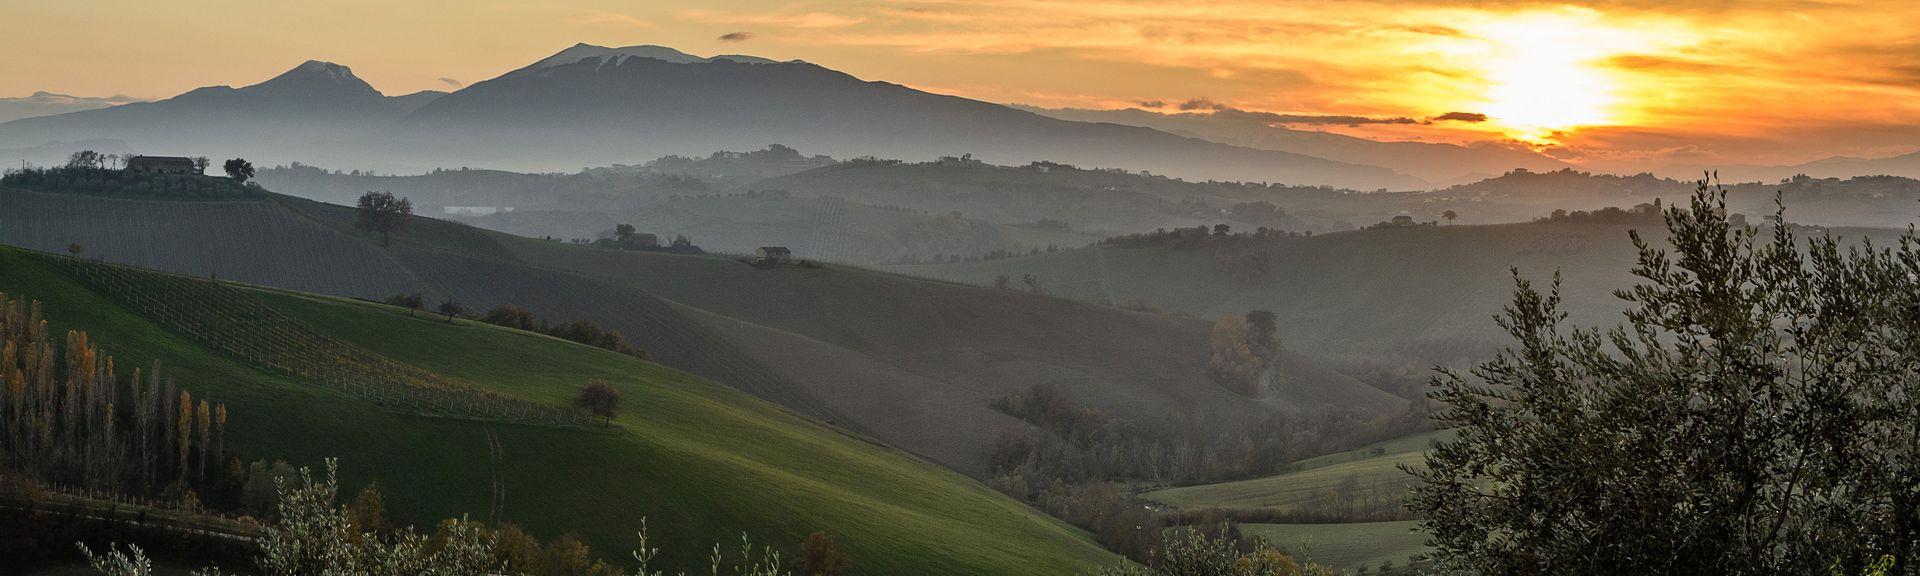 Sant'Omero, Abruzzo, Italië